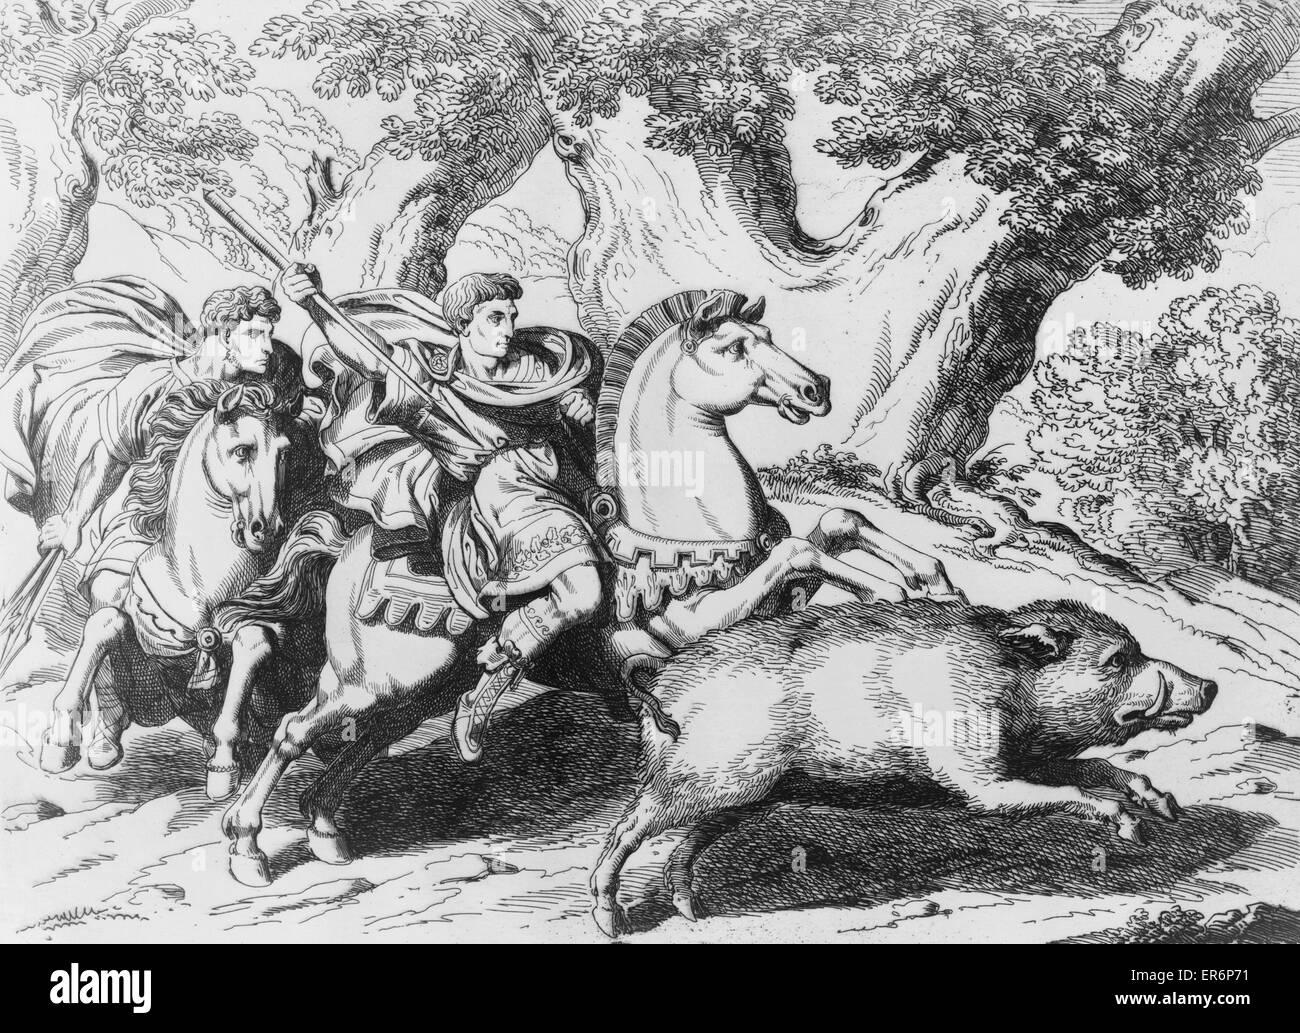 Der Kaiser Hadrian Jagd Wildschwein mit Trajan, Kaiser von Rom, auf dem Pferderücken mit Speer, Wildschwein Stockbild